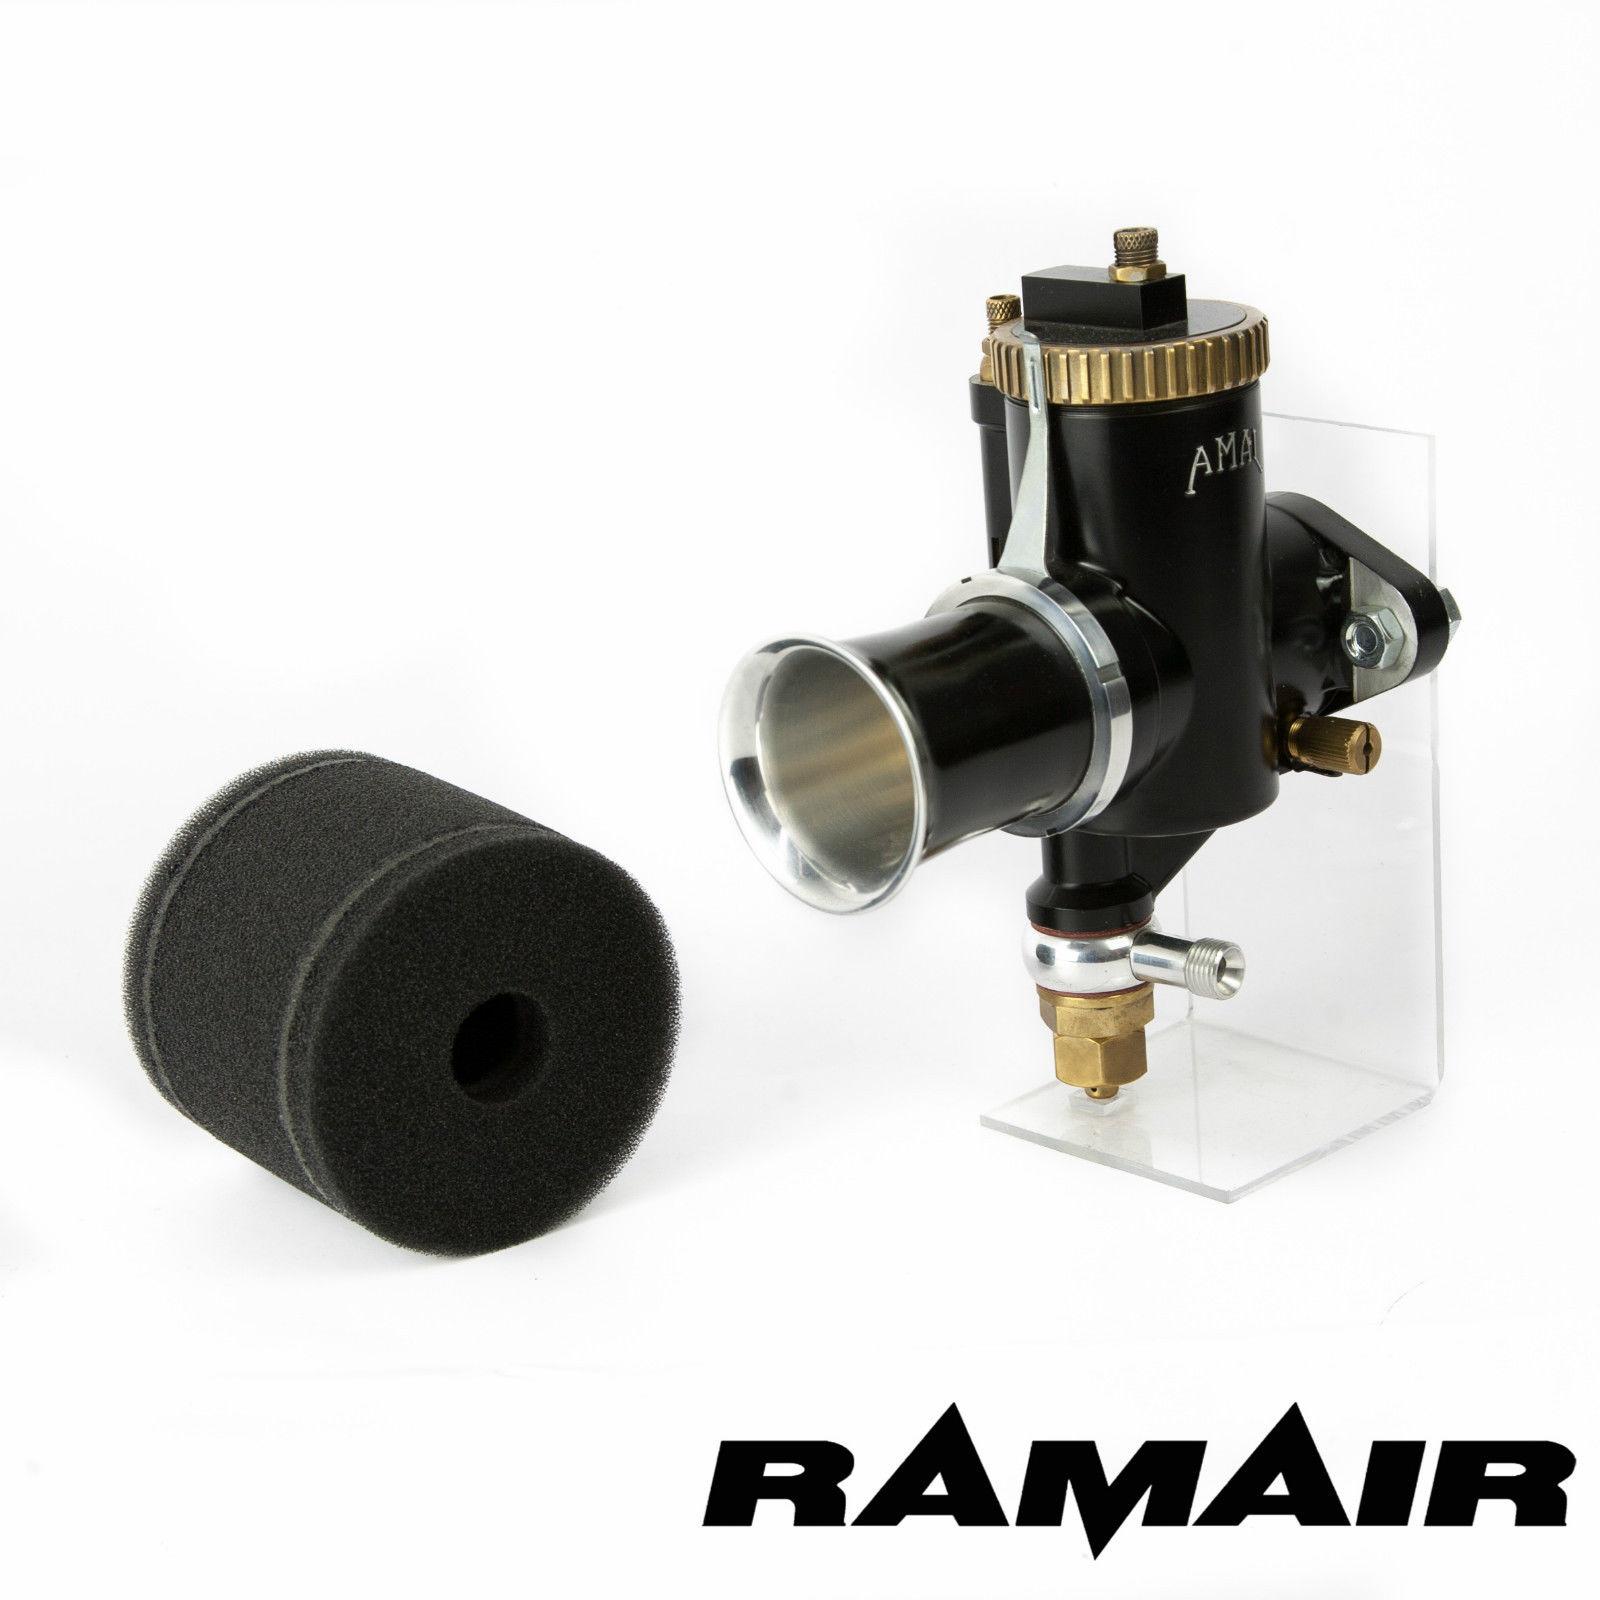 Ram Air Carb : Ramair motorcycle sock foam air filter single carburetor